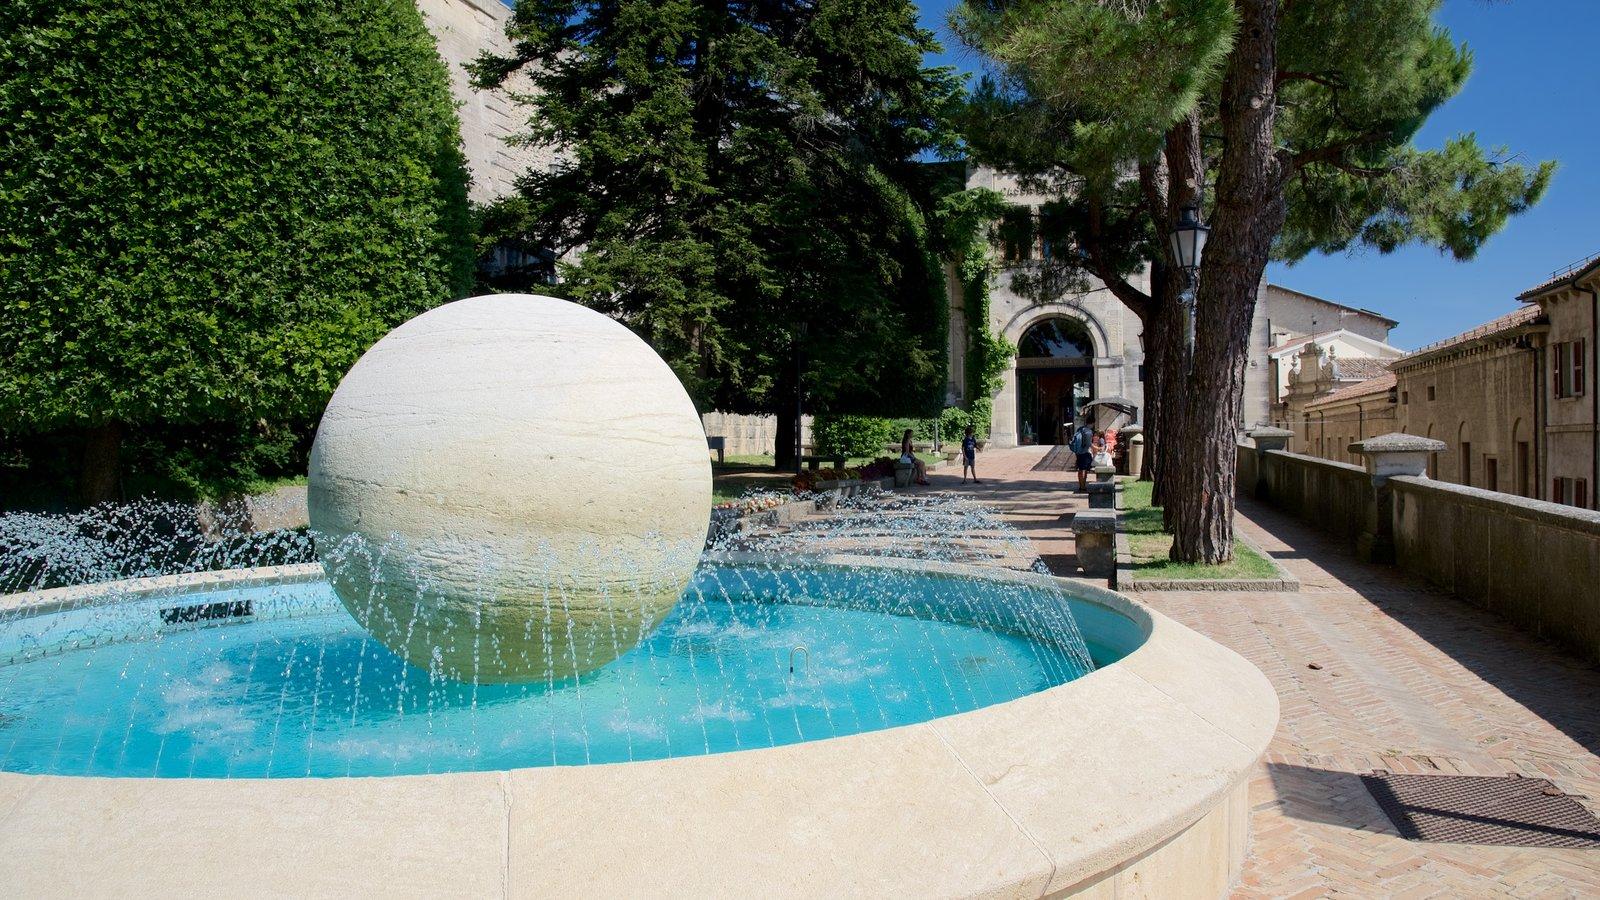 San Marino que inclui uma fonte